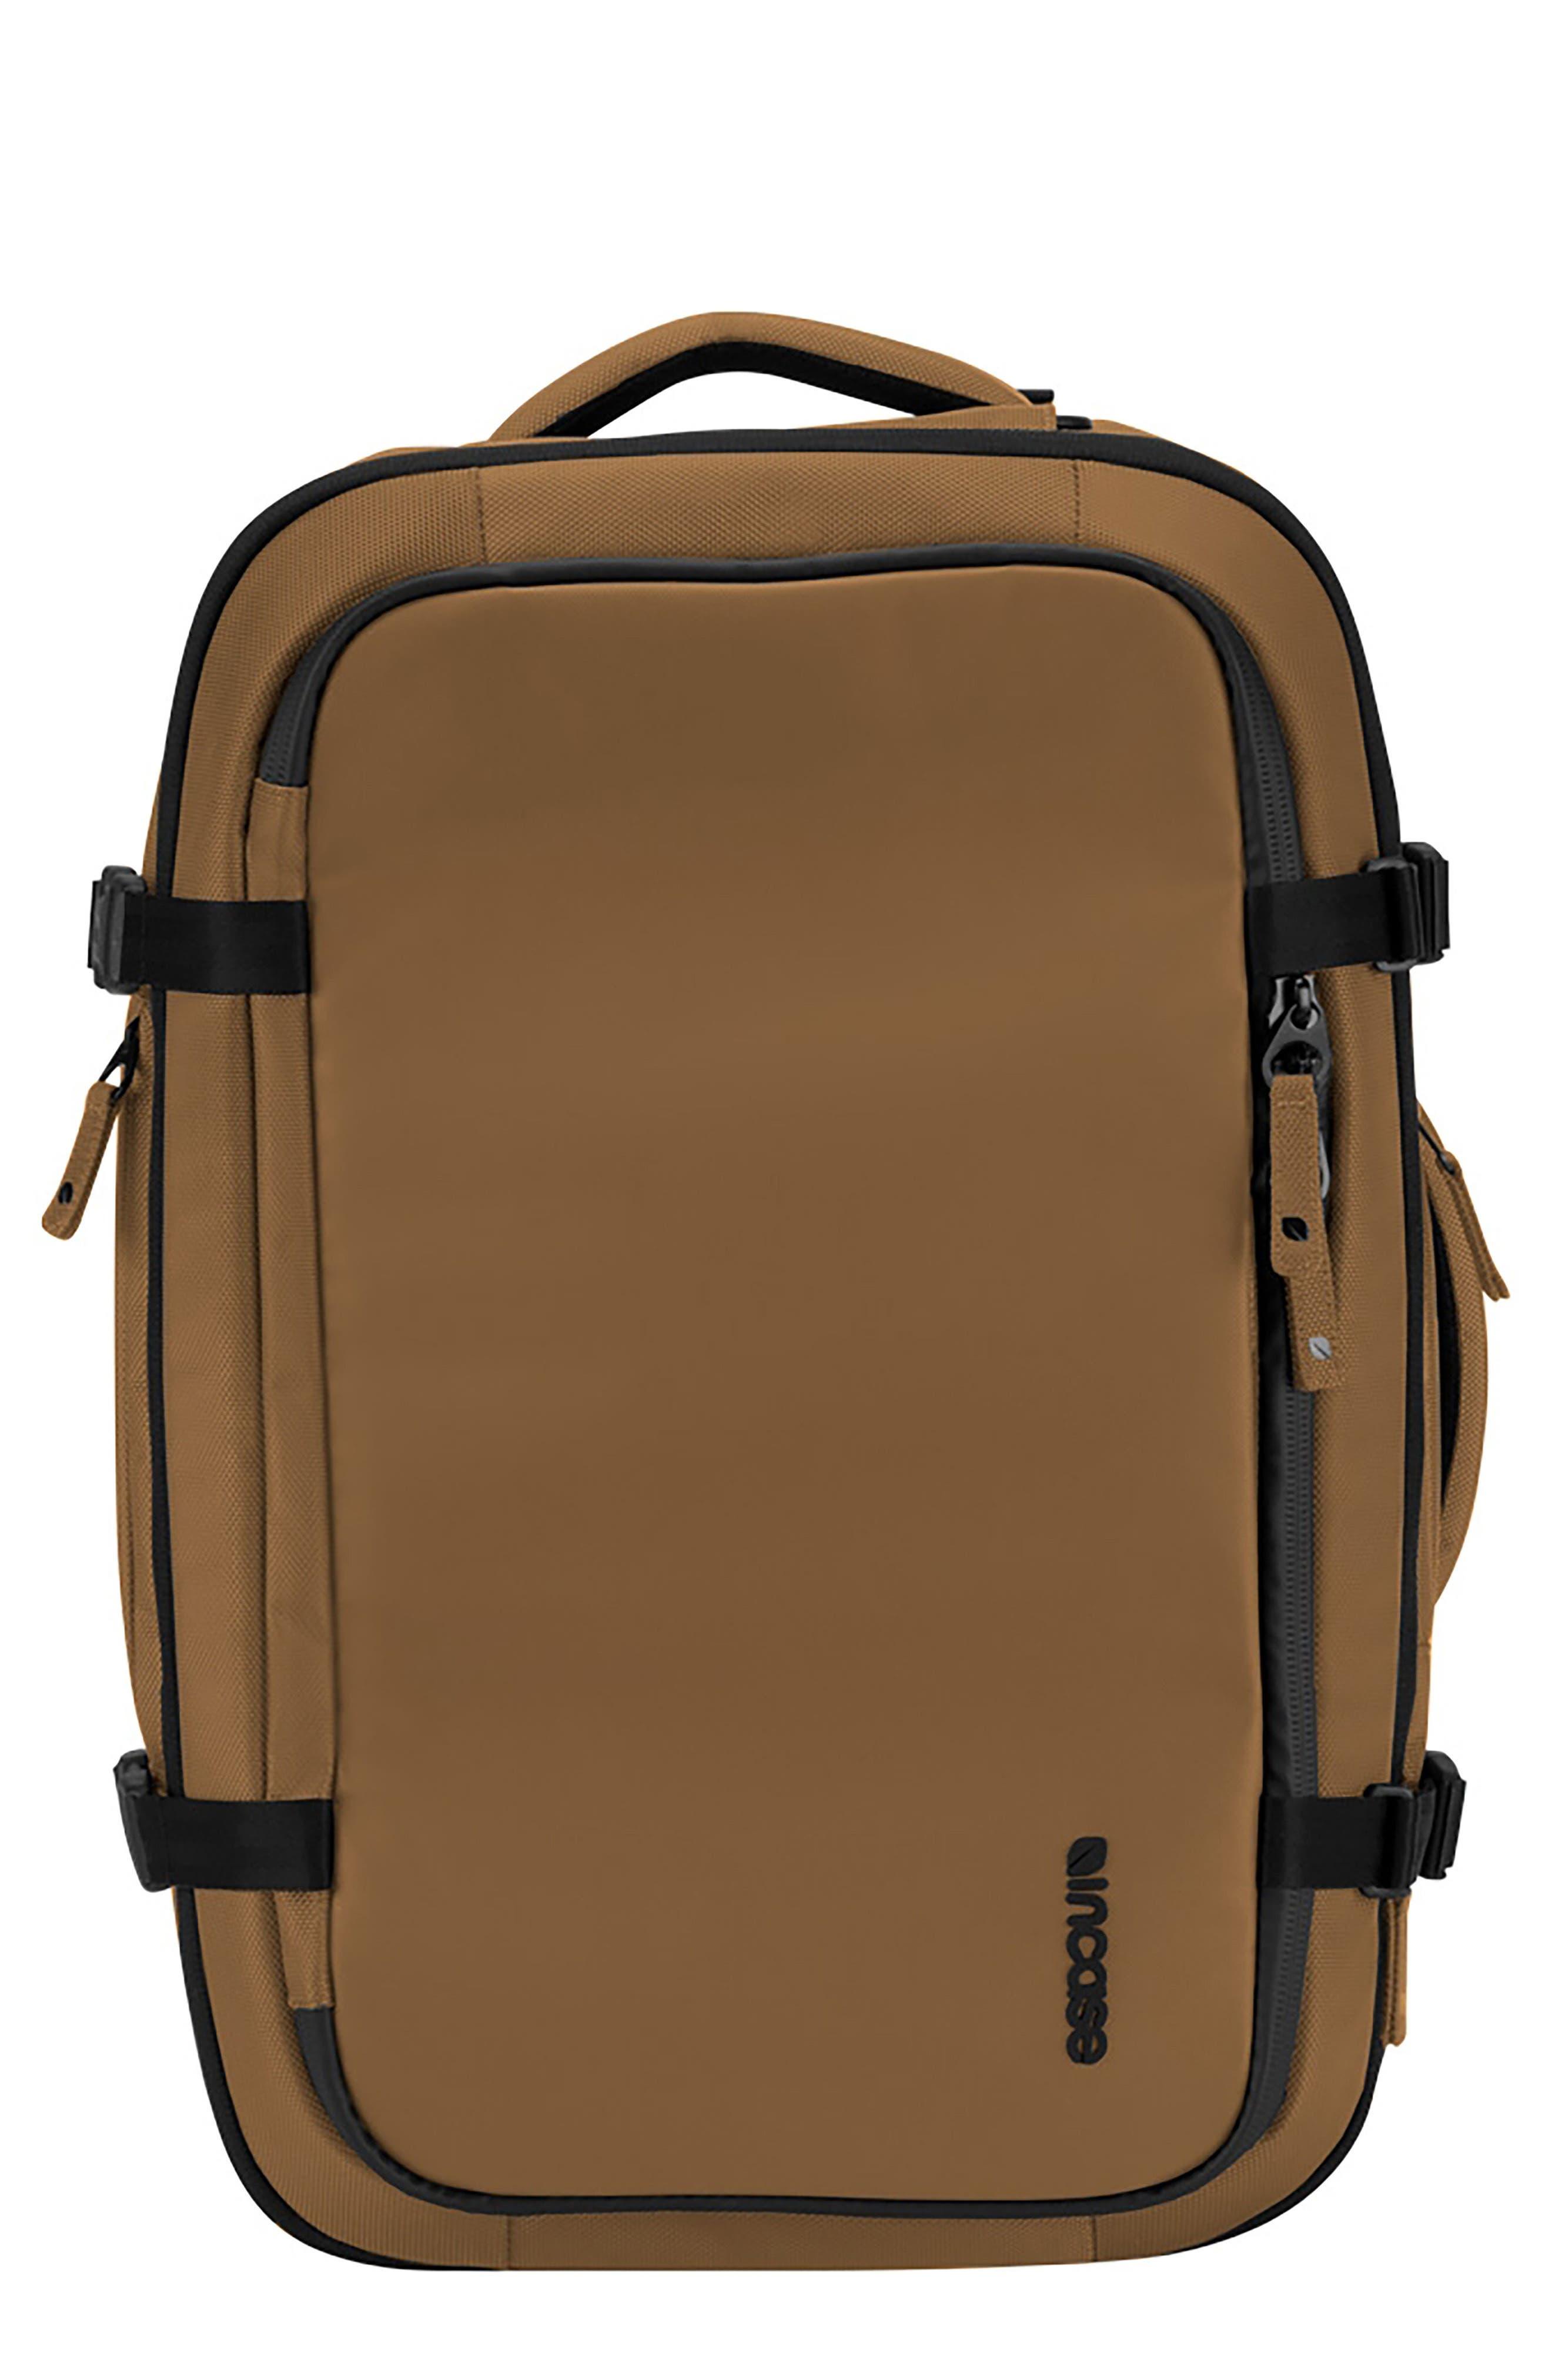 TRACTO Convertible Backpack,                             Main thumbnail 3, color,